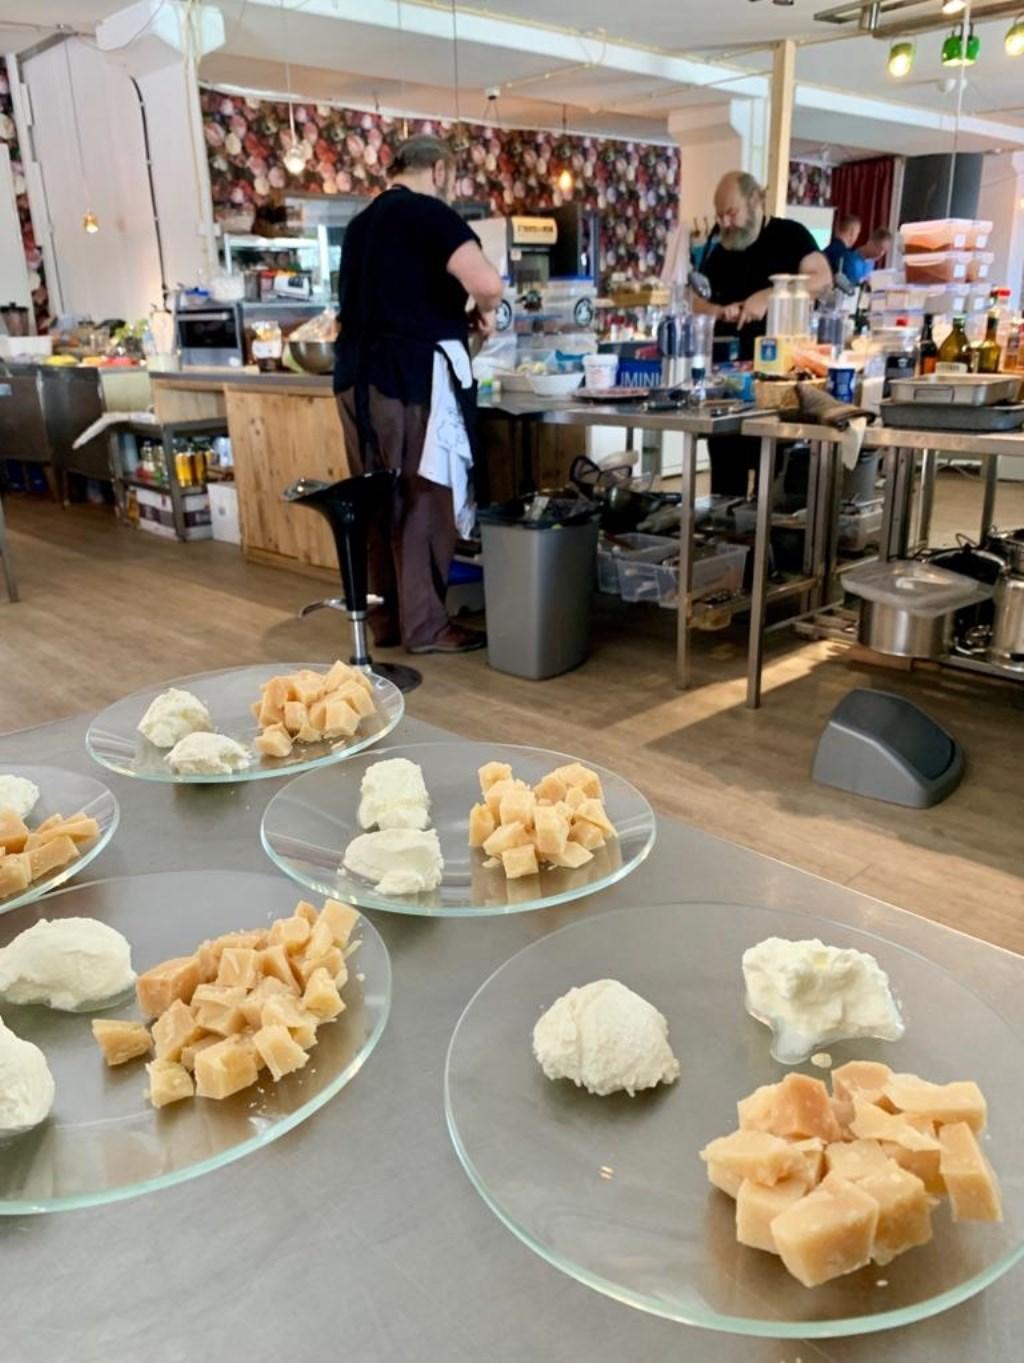 Kaas en kwark staan klaar om uitgeserveerd te worden door de kok van Since 1974. (Foto: Yvette van der Does) © rodi